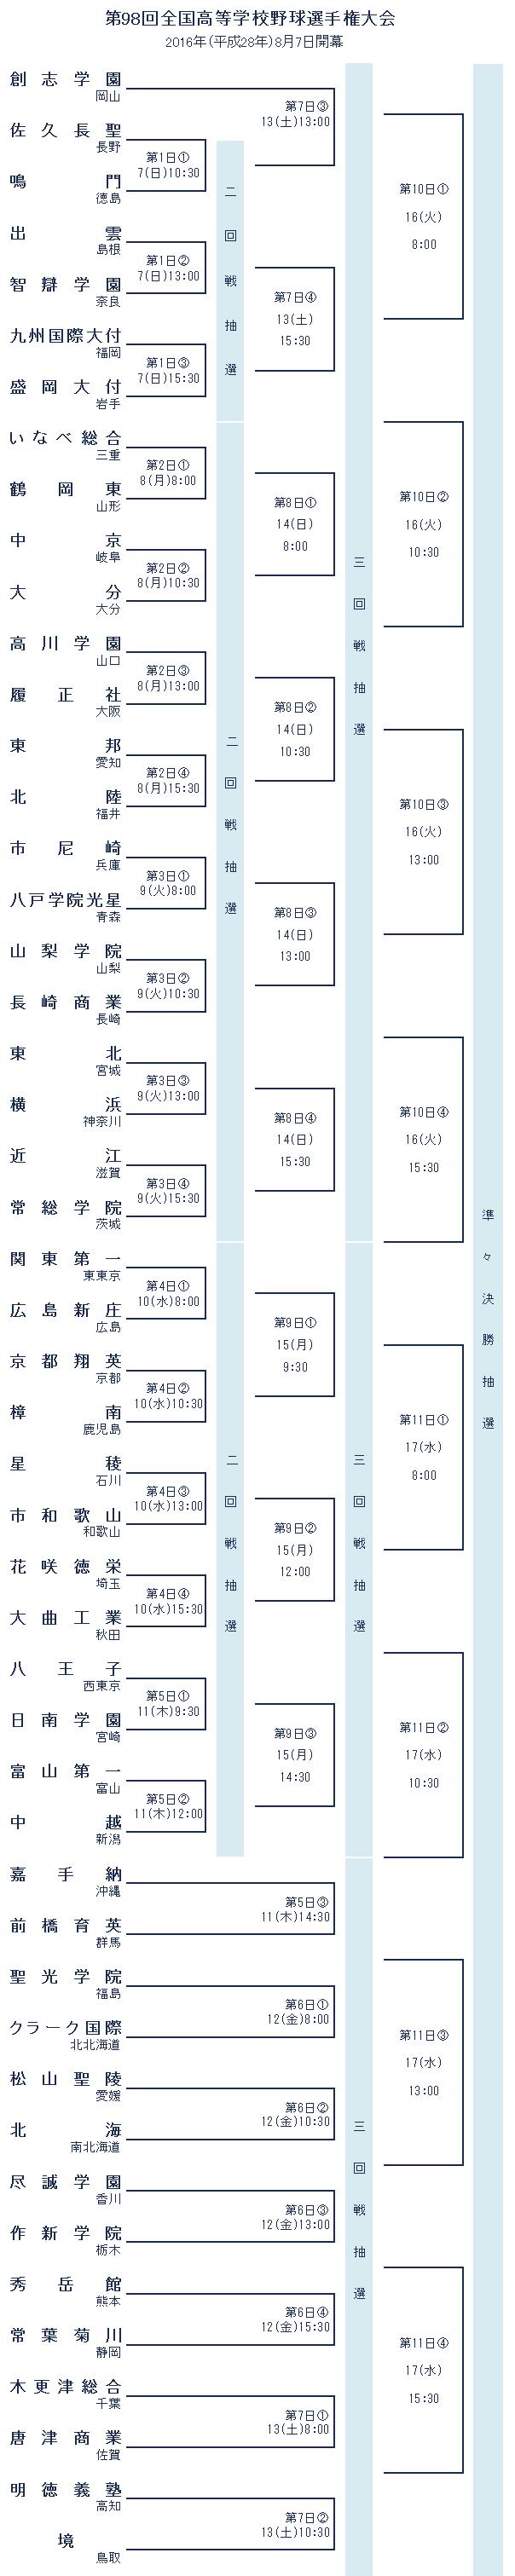 koshien2016-1-3